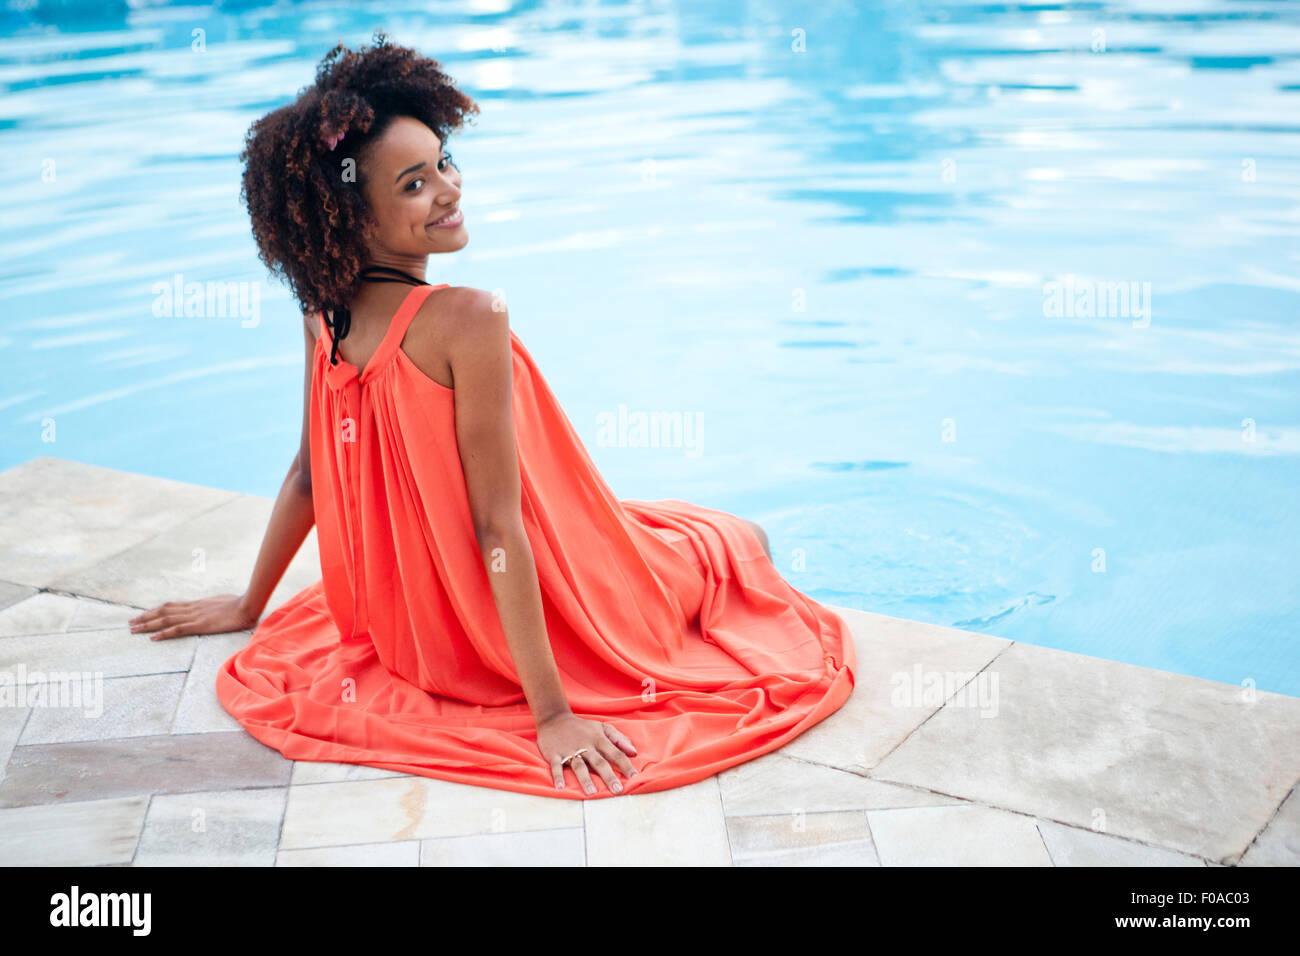 Ritratto di giovane donna che indossa abiti di colore arancione seduto al hotel piscina, Rio de Janeiro, Brasile Immagini Stock